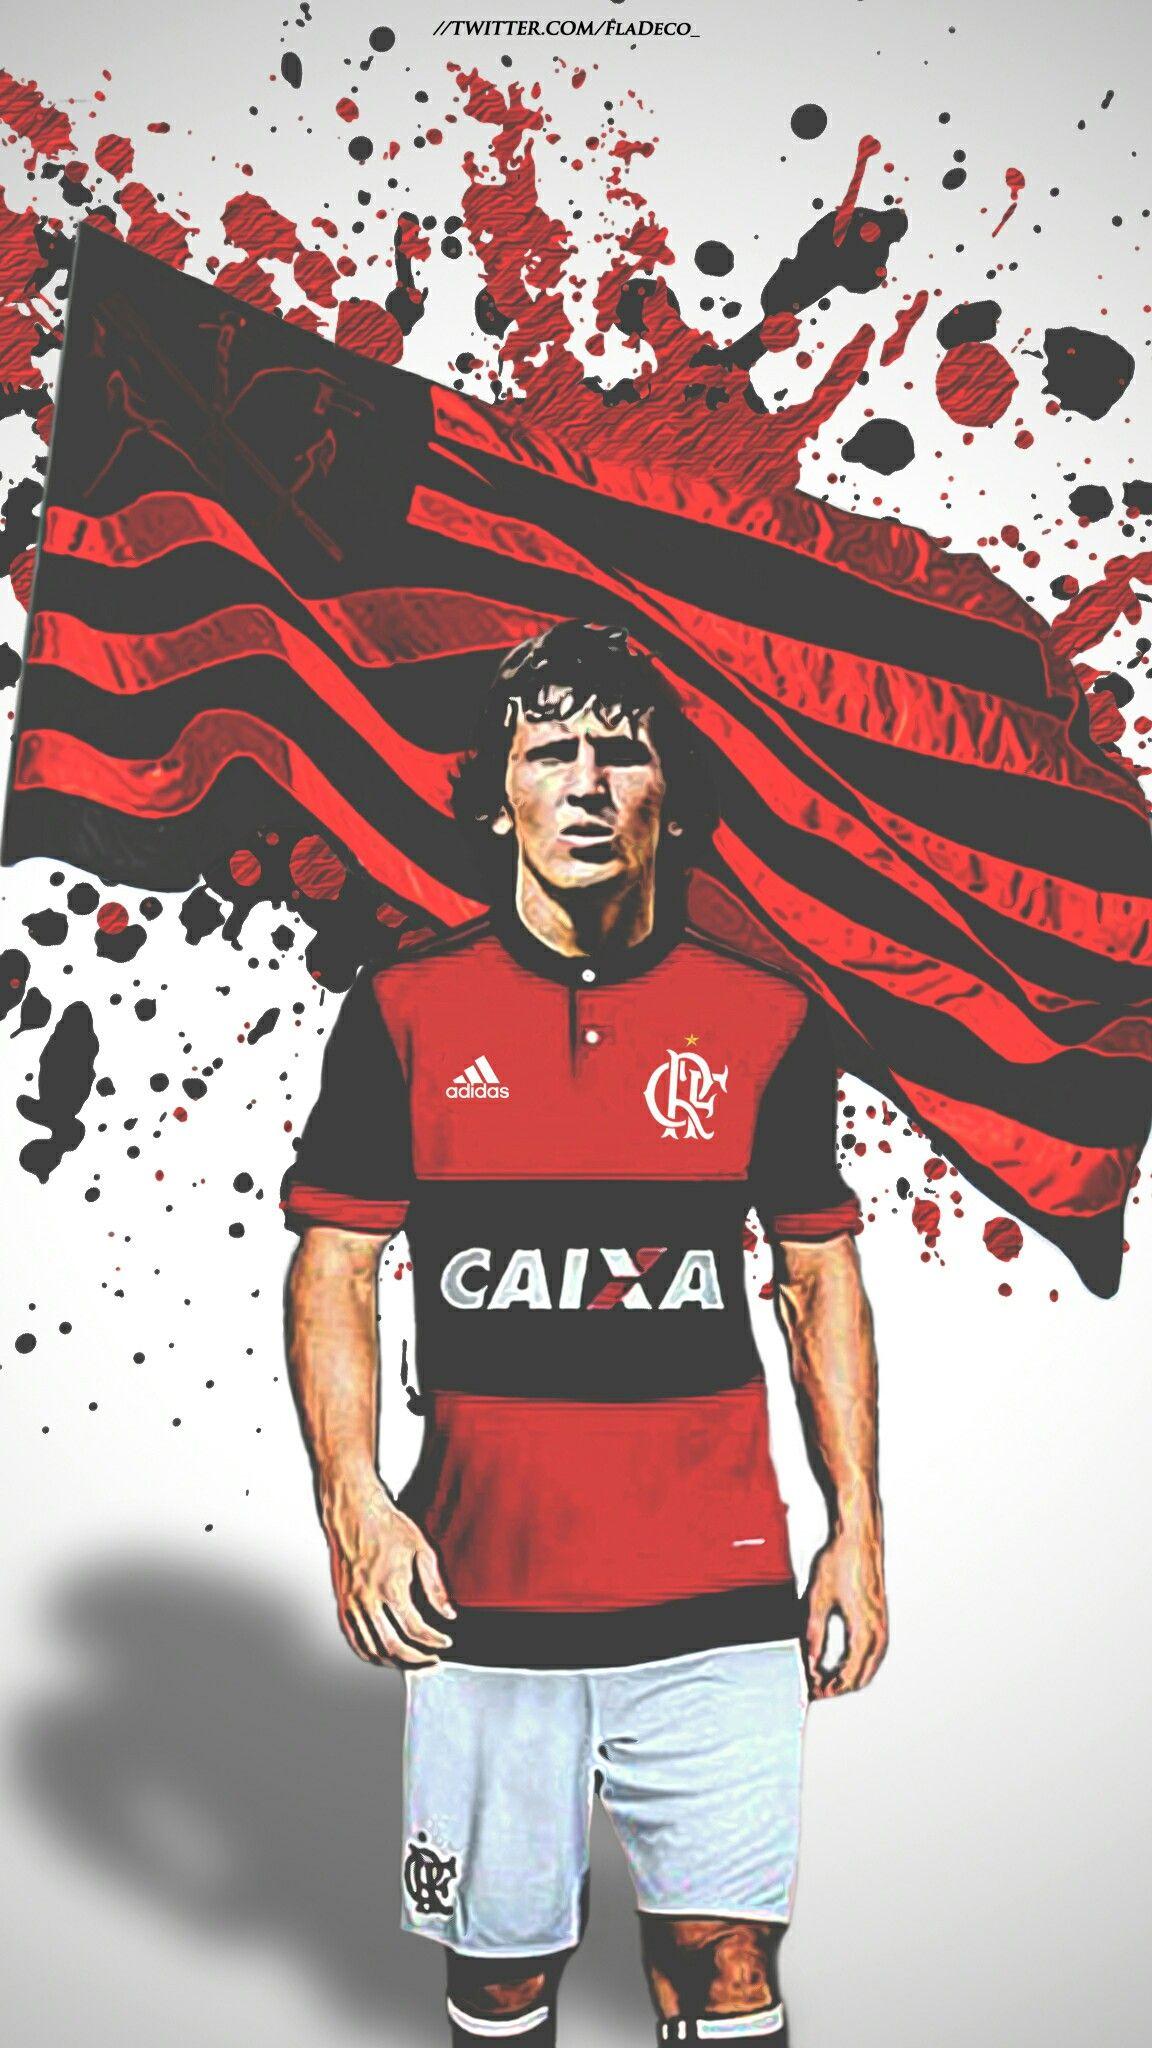 2edeb76058 O SÍMBOLO e O REI  Flamengo Futebol Carioca